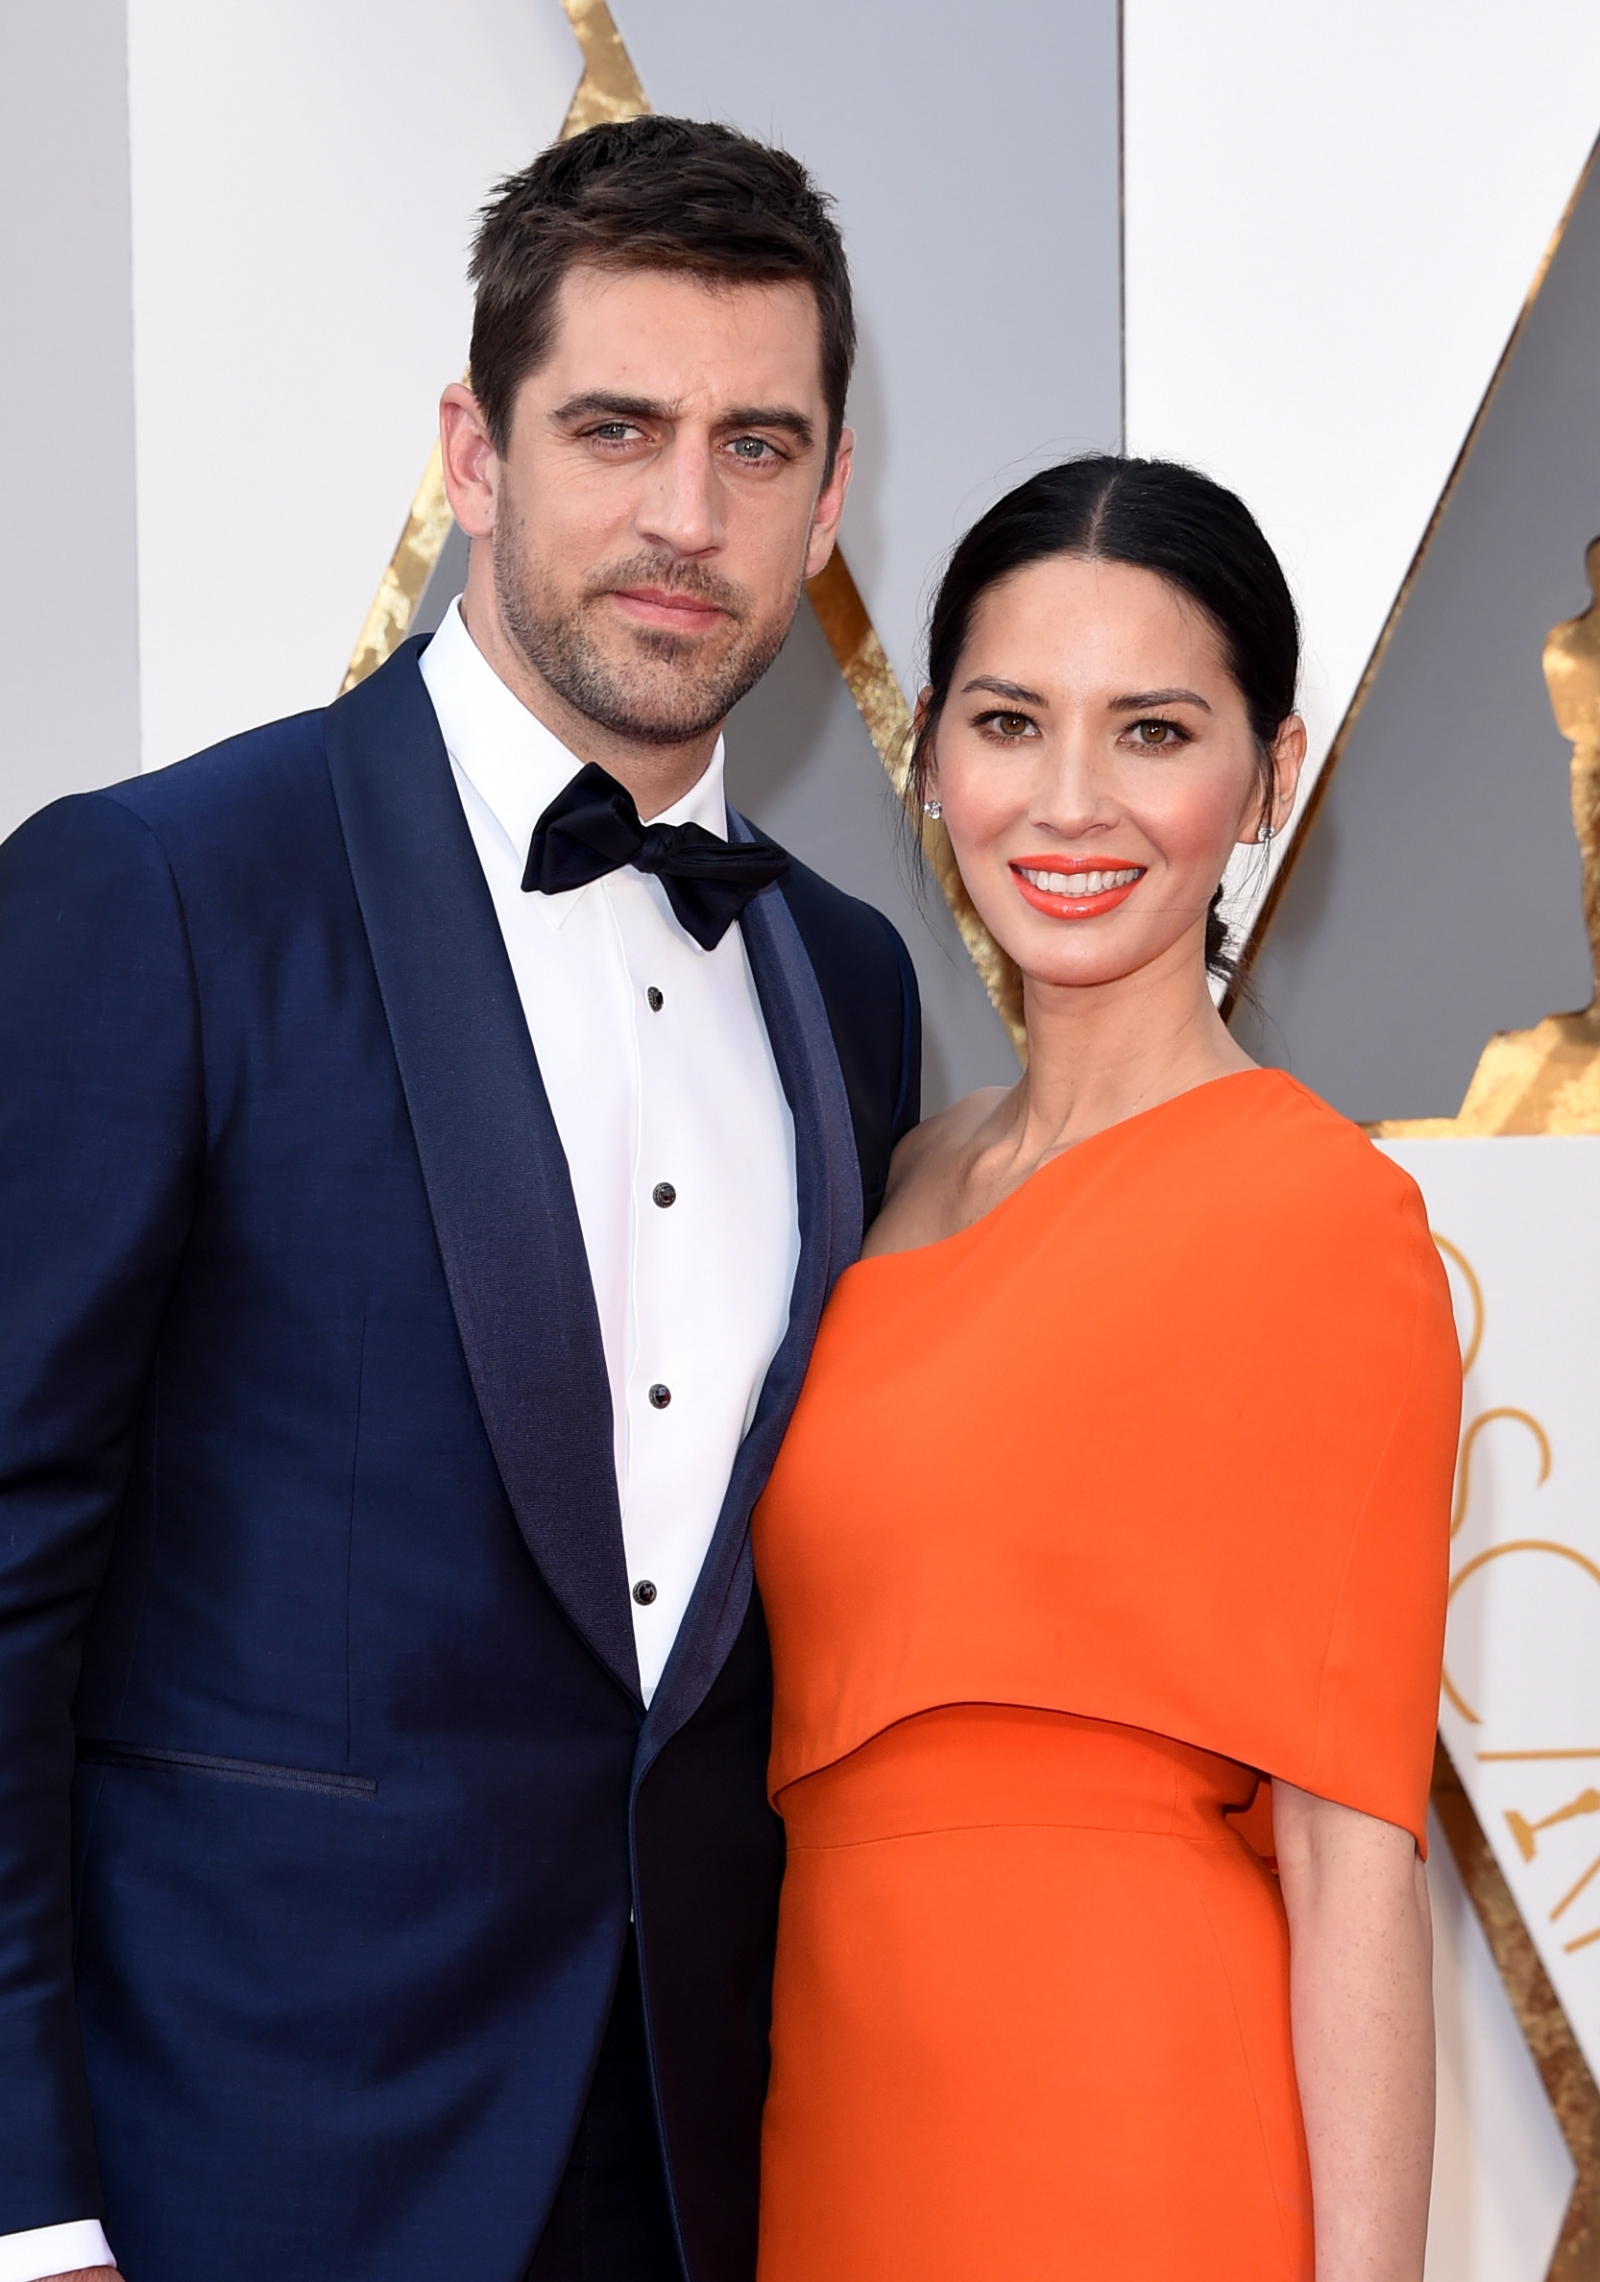 Aaron Rodgers And Olivia Munn Engaged Amid NFL Stars